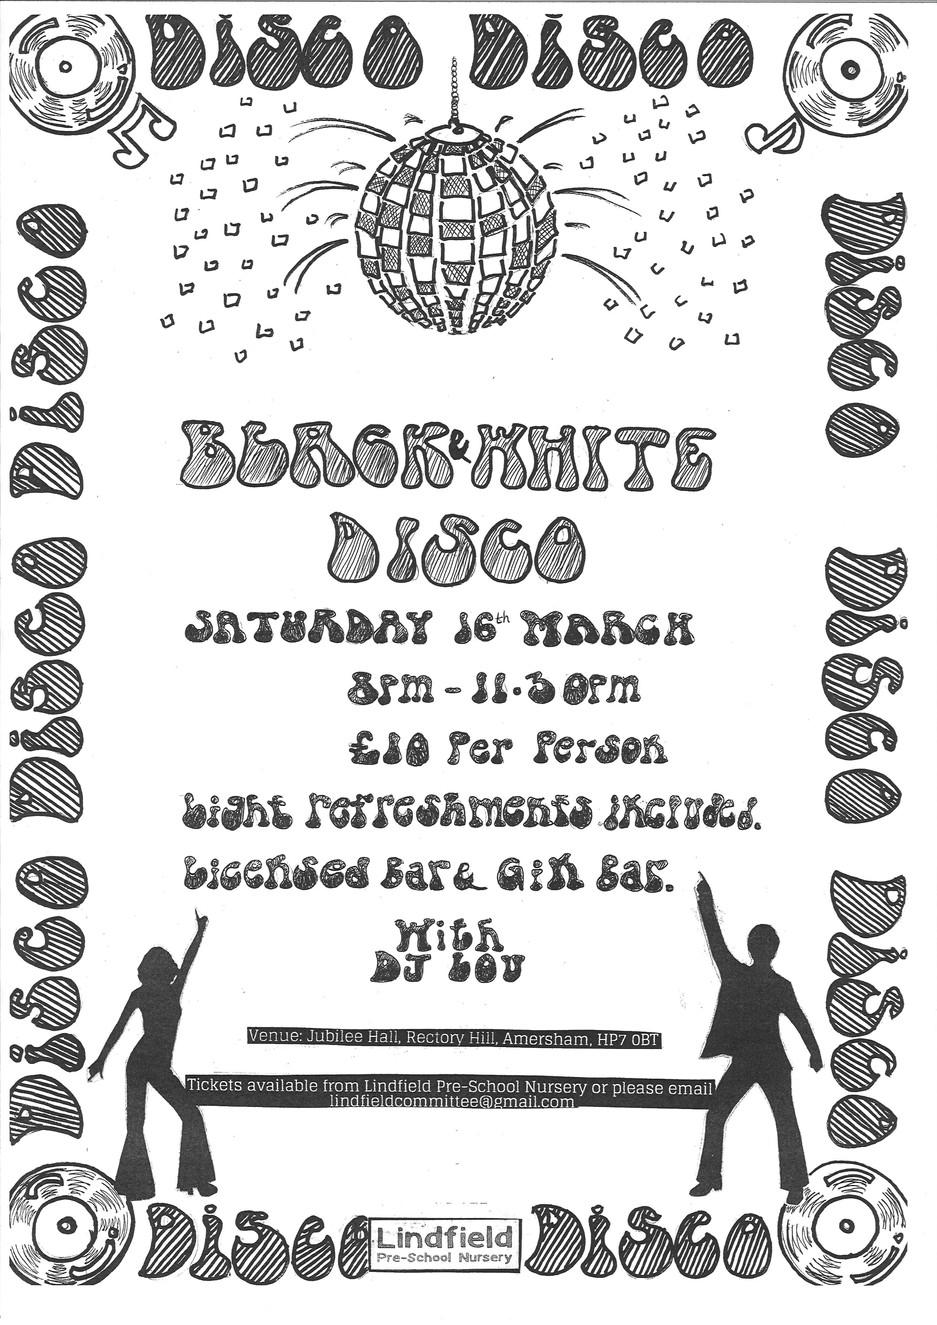 Black & White disco - Saturday 16 March - 20:00 until 23:30